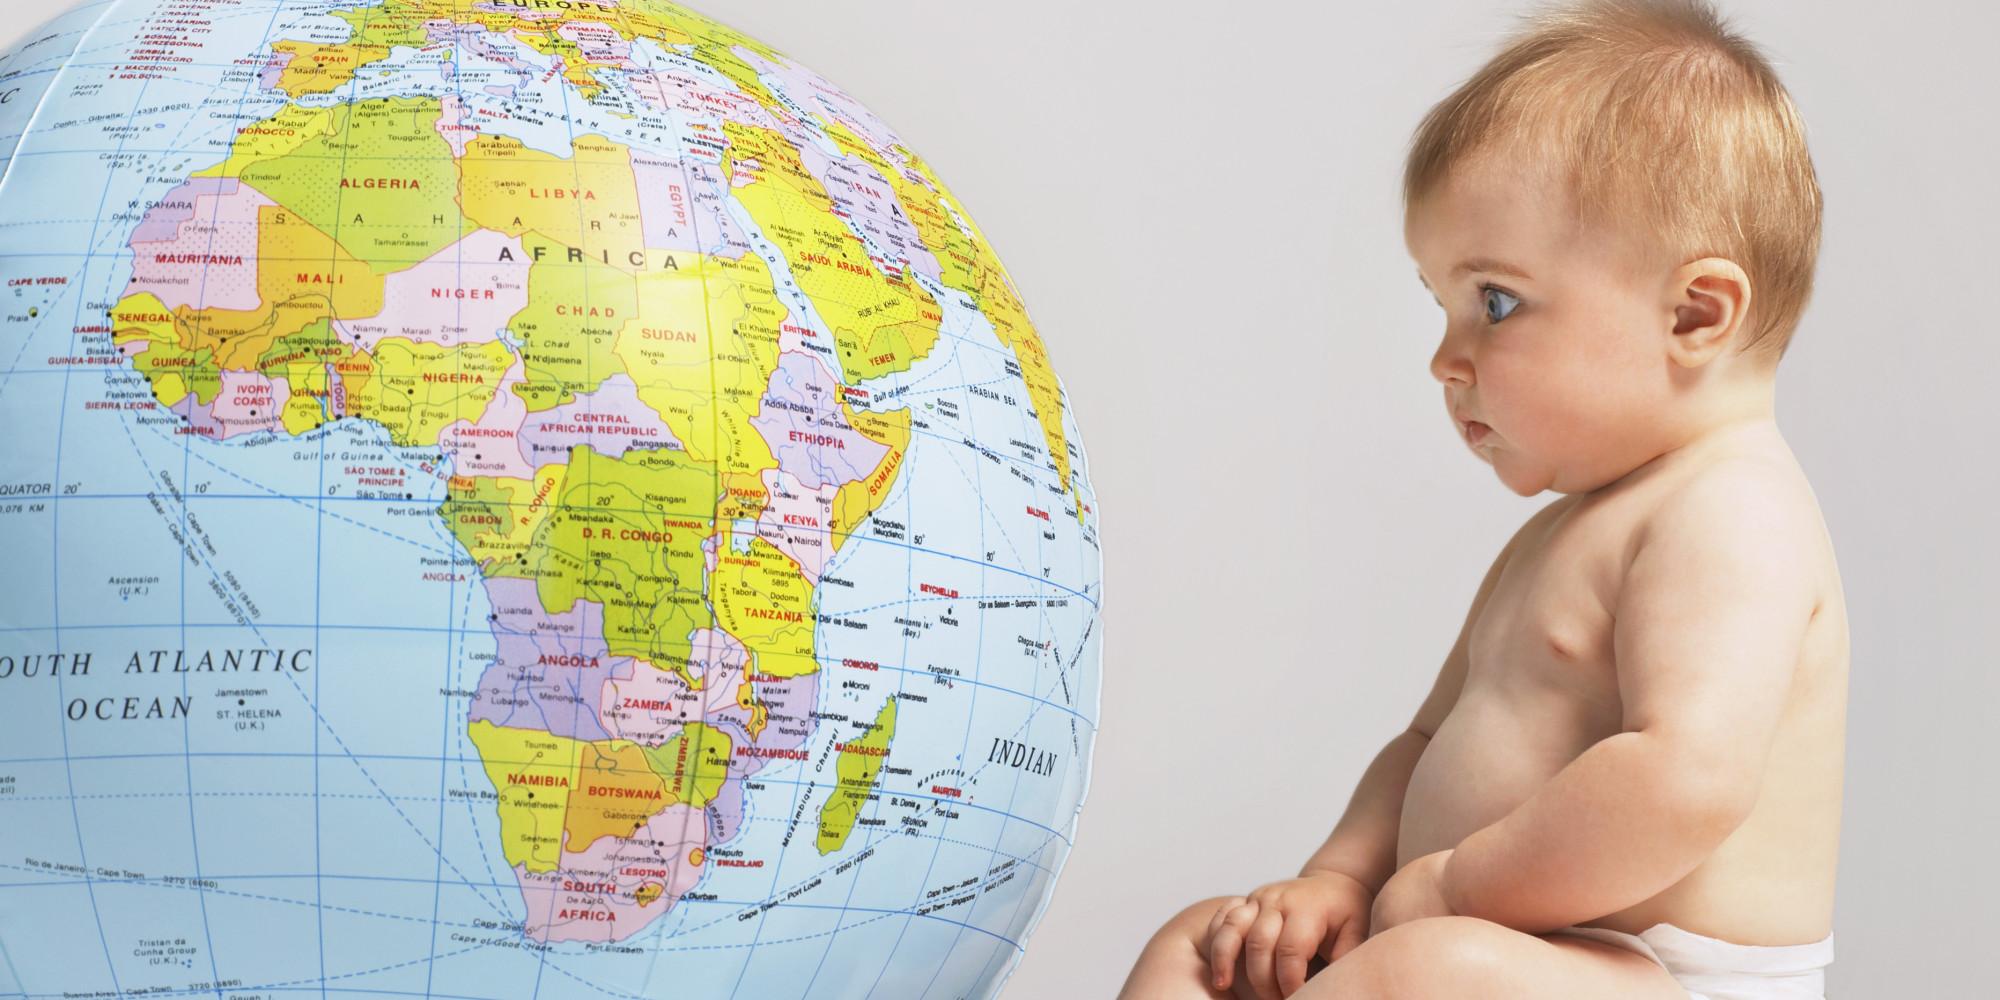 Можно ли публиковать фото ребенка без согласия родителей